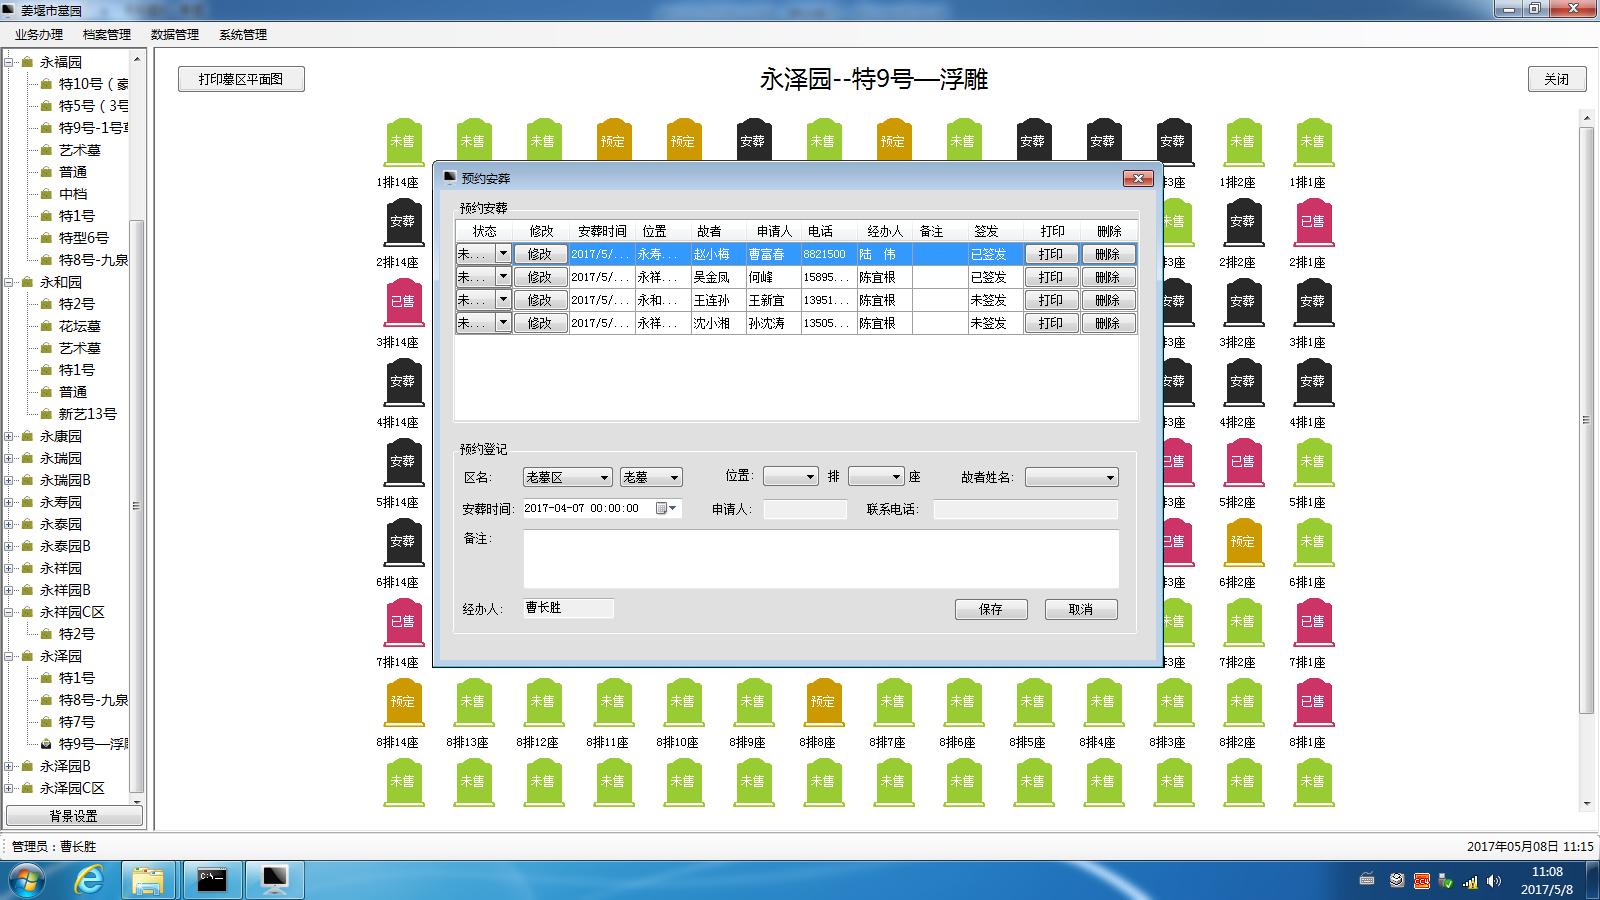 (陵园)墓园管理系统PC端.png